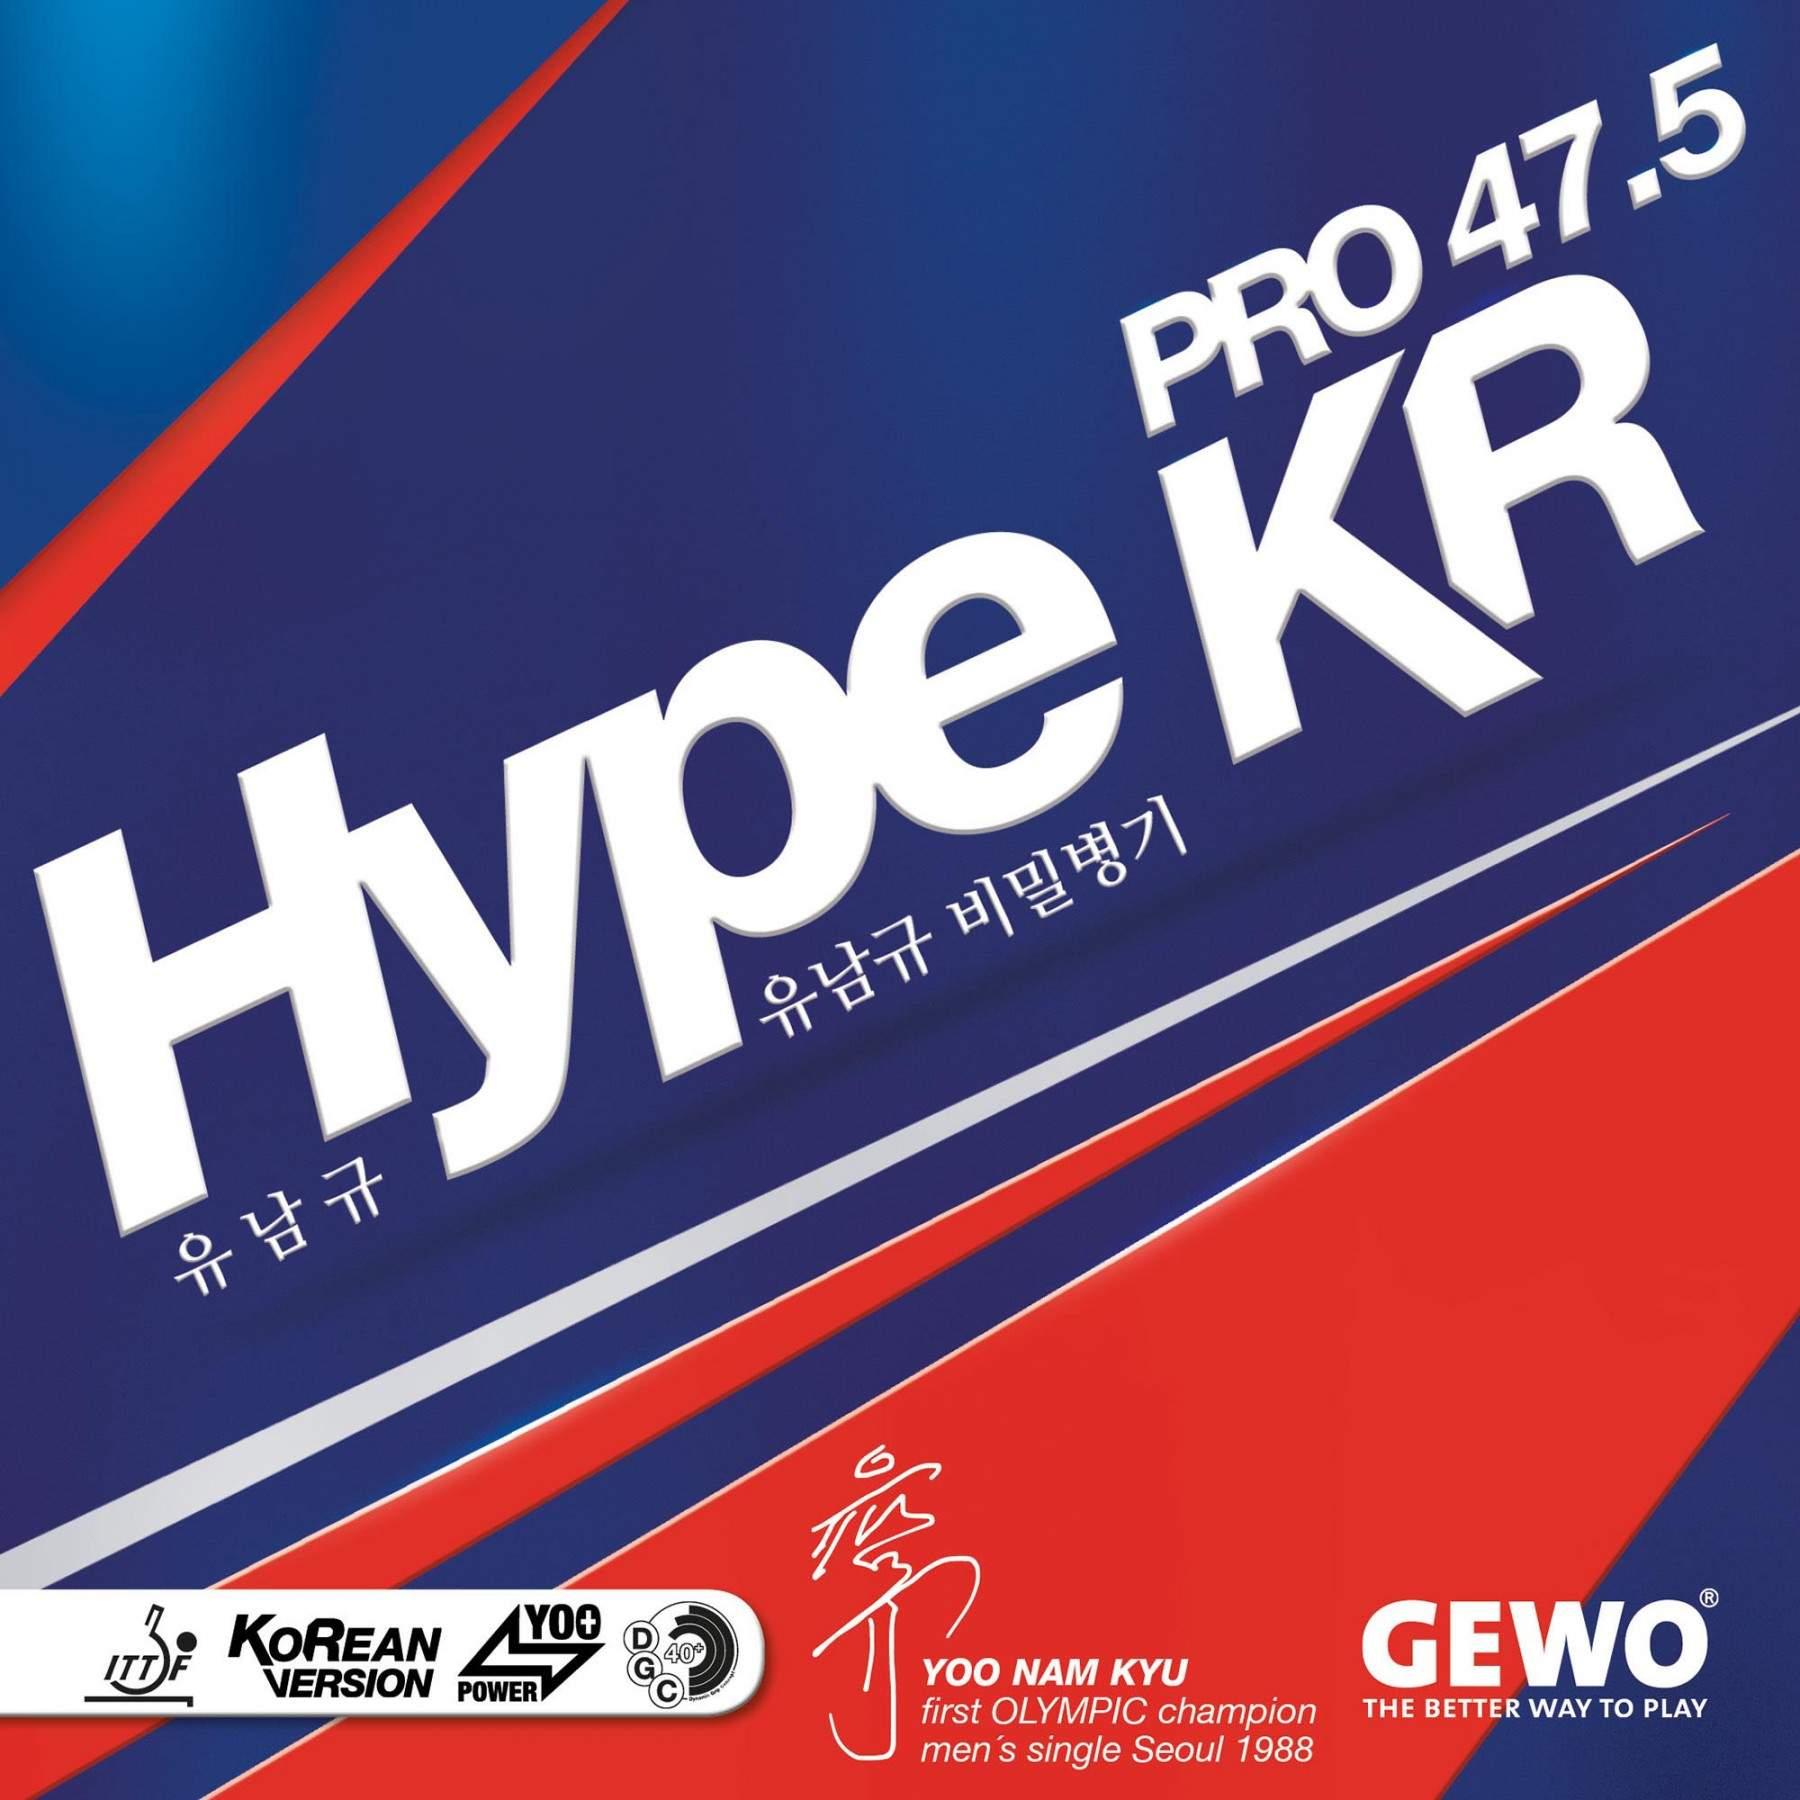 Gewo Hype KR Pro 47.5 Rubber